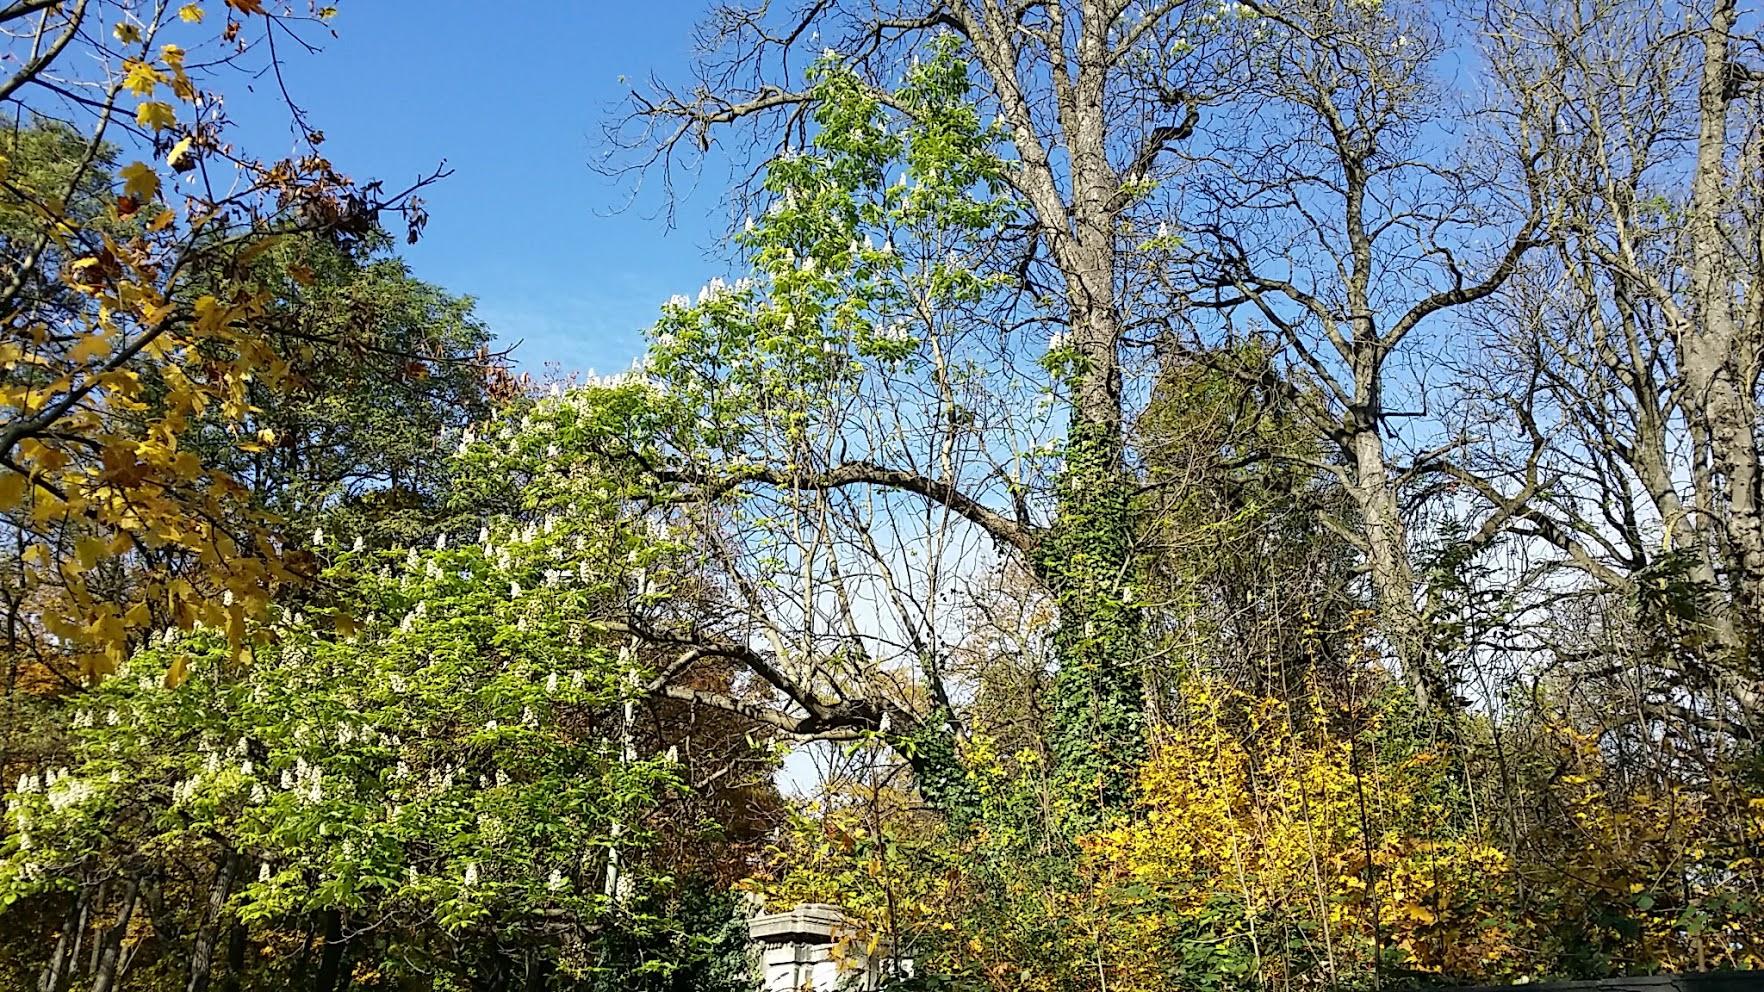 Kastanienblüte oktober